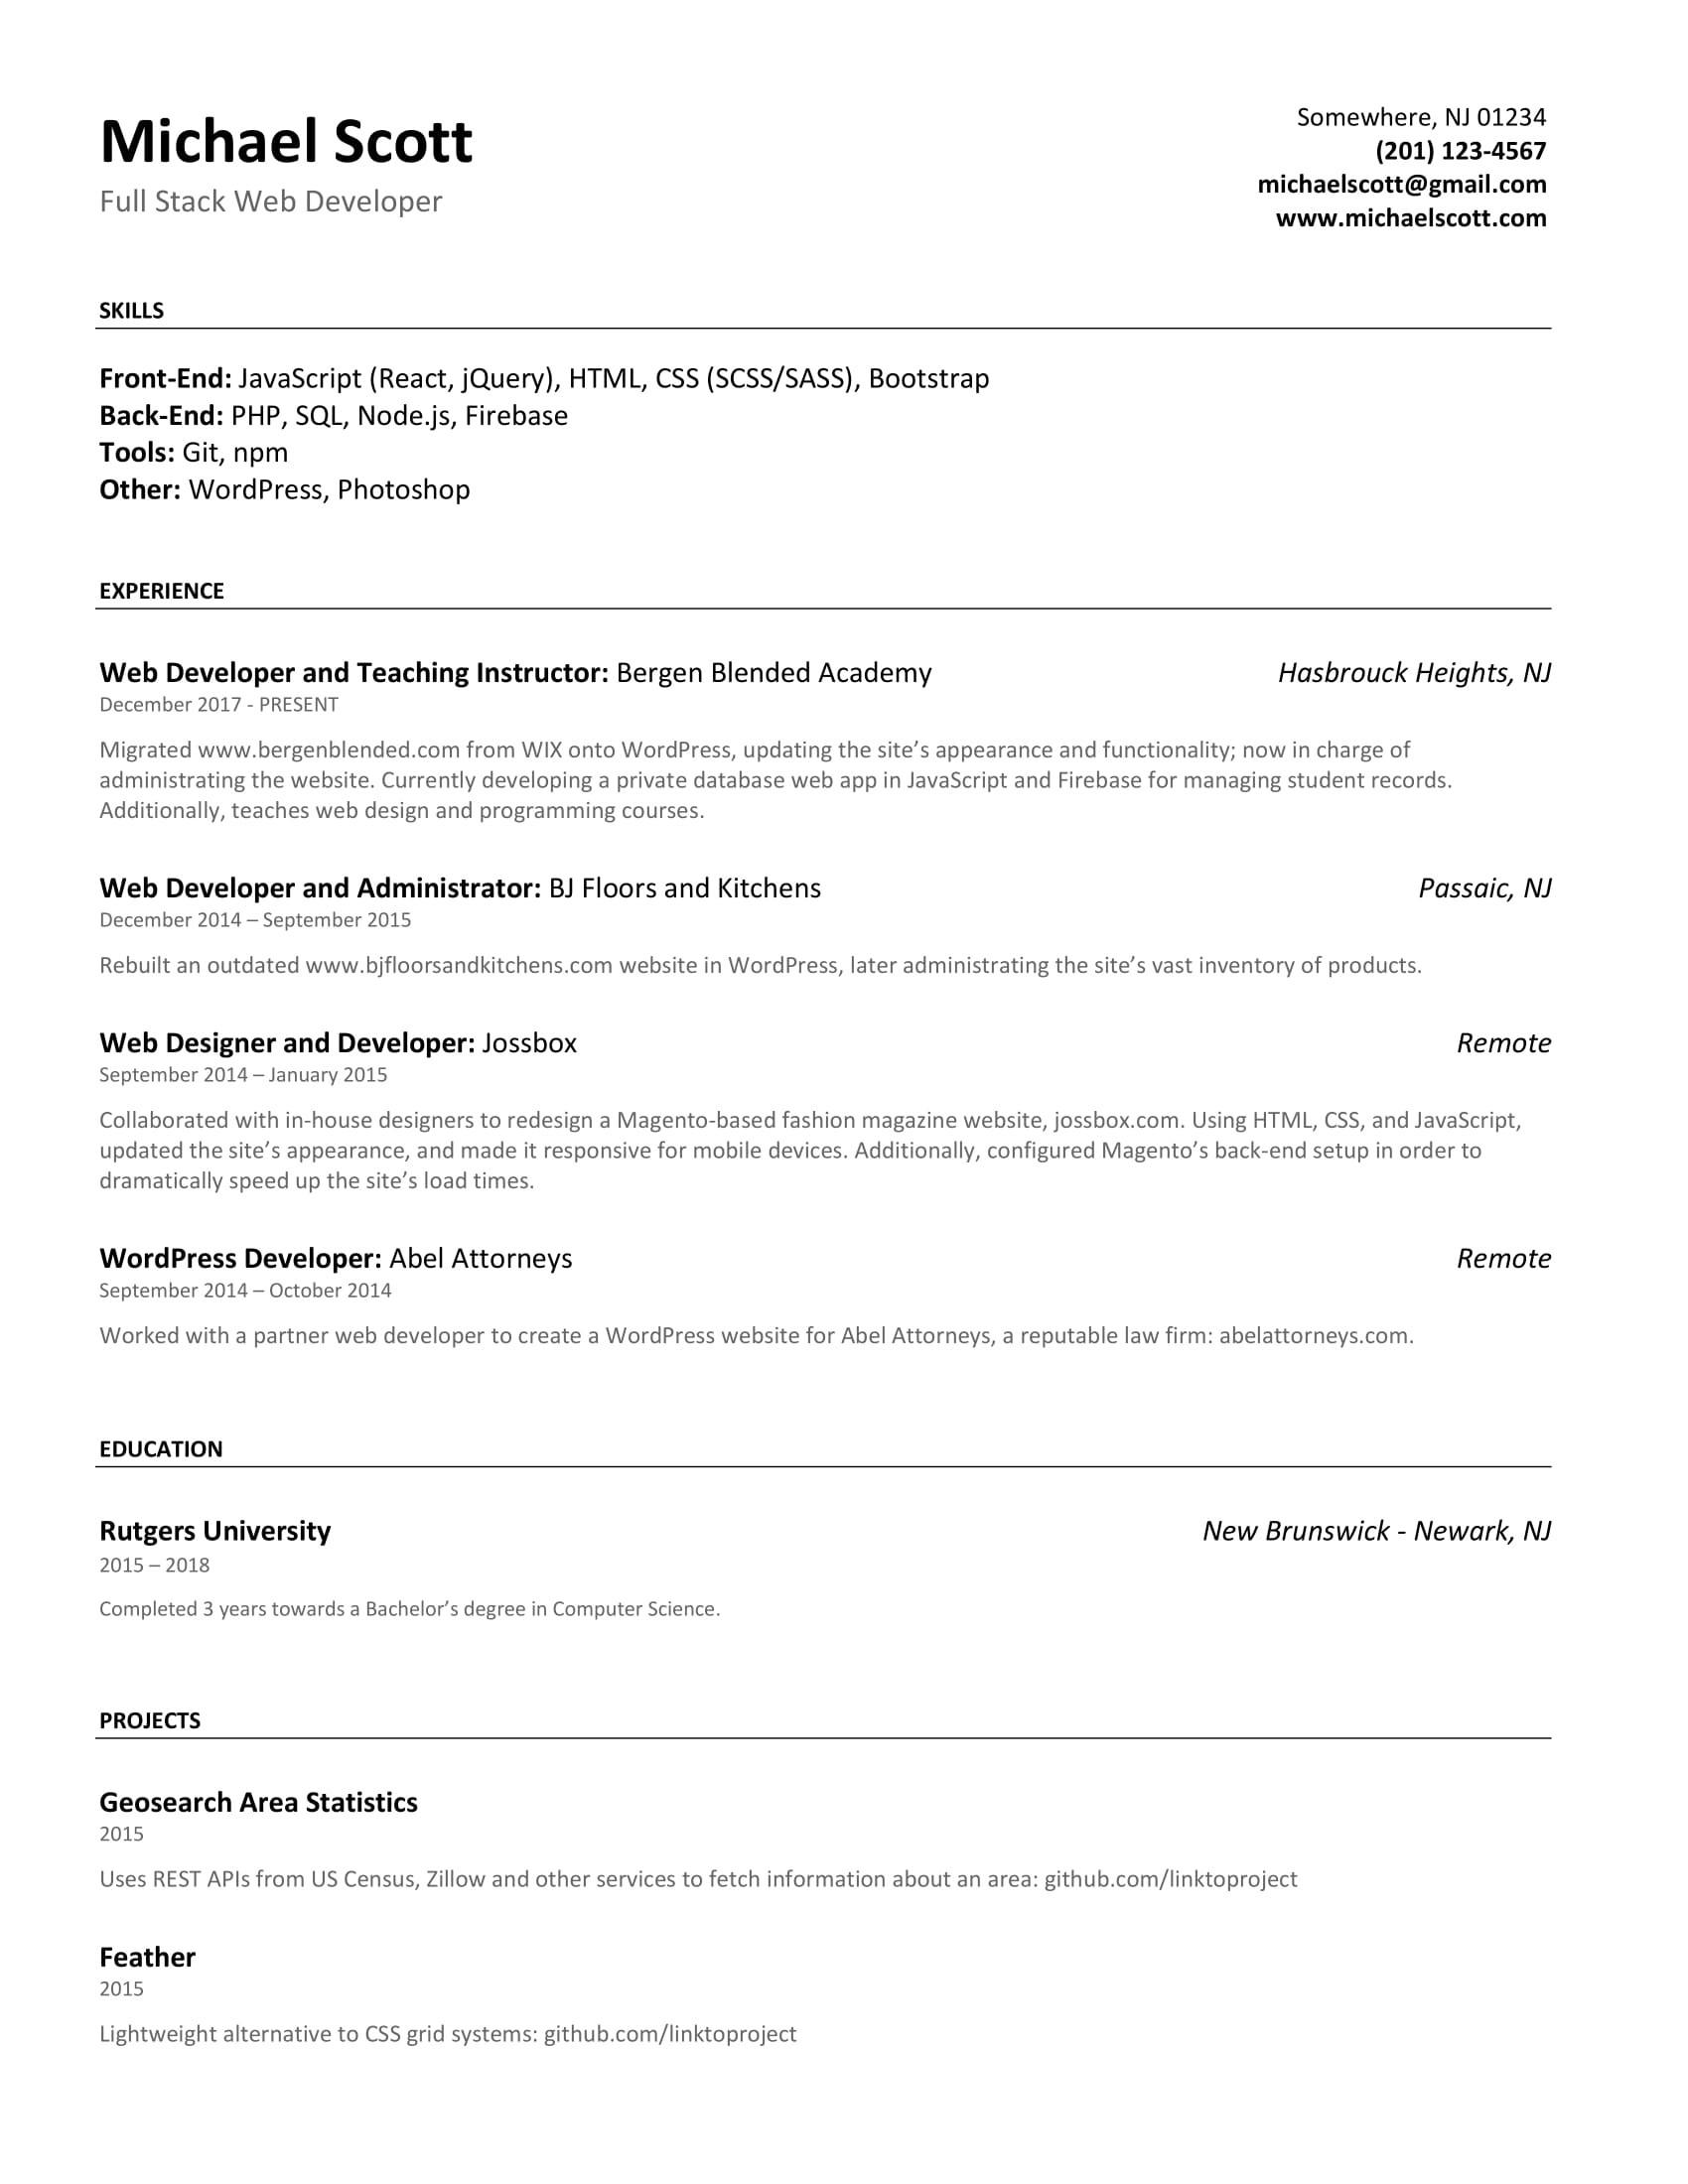 cv form for junior web developerml